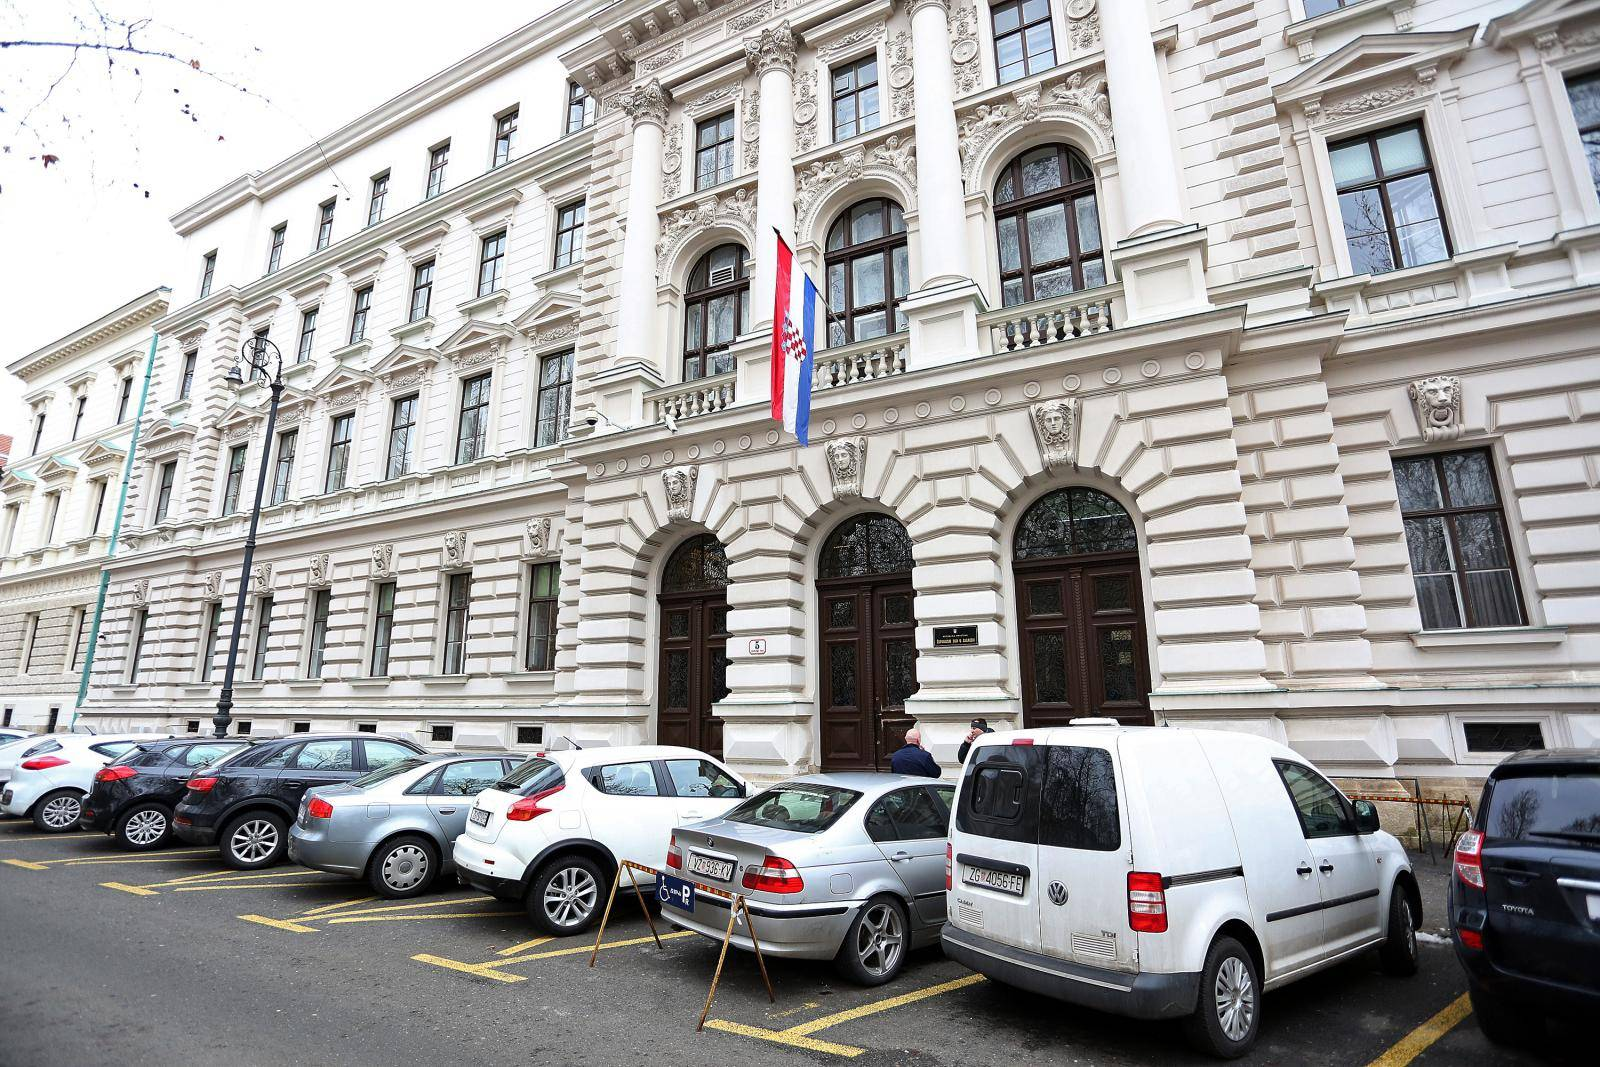 Trojica srpskih dobrovoljaca osuđeni na 10 godina zatvora zbog ratnog zločina u Joševici